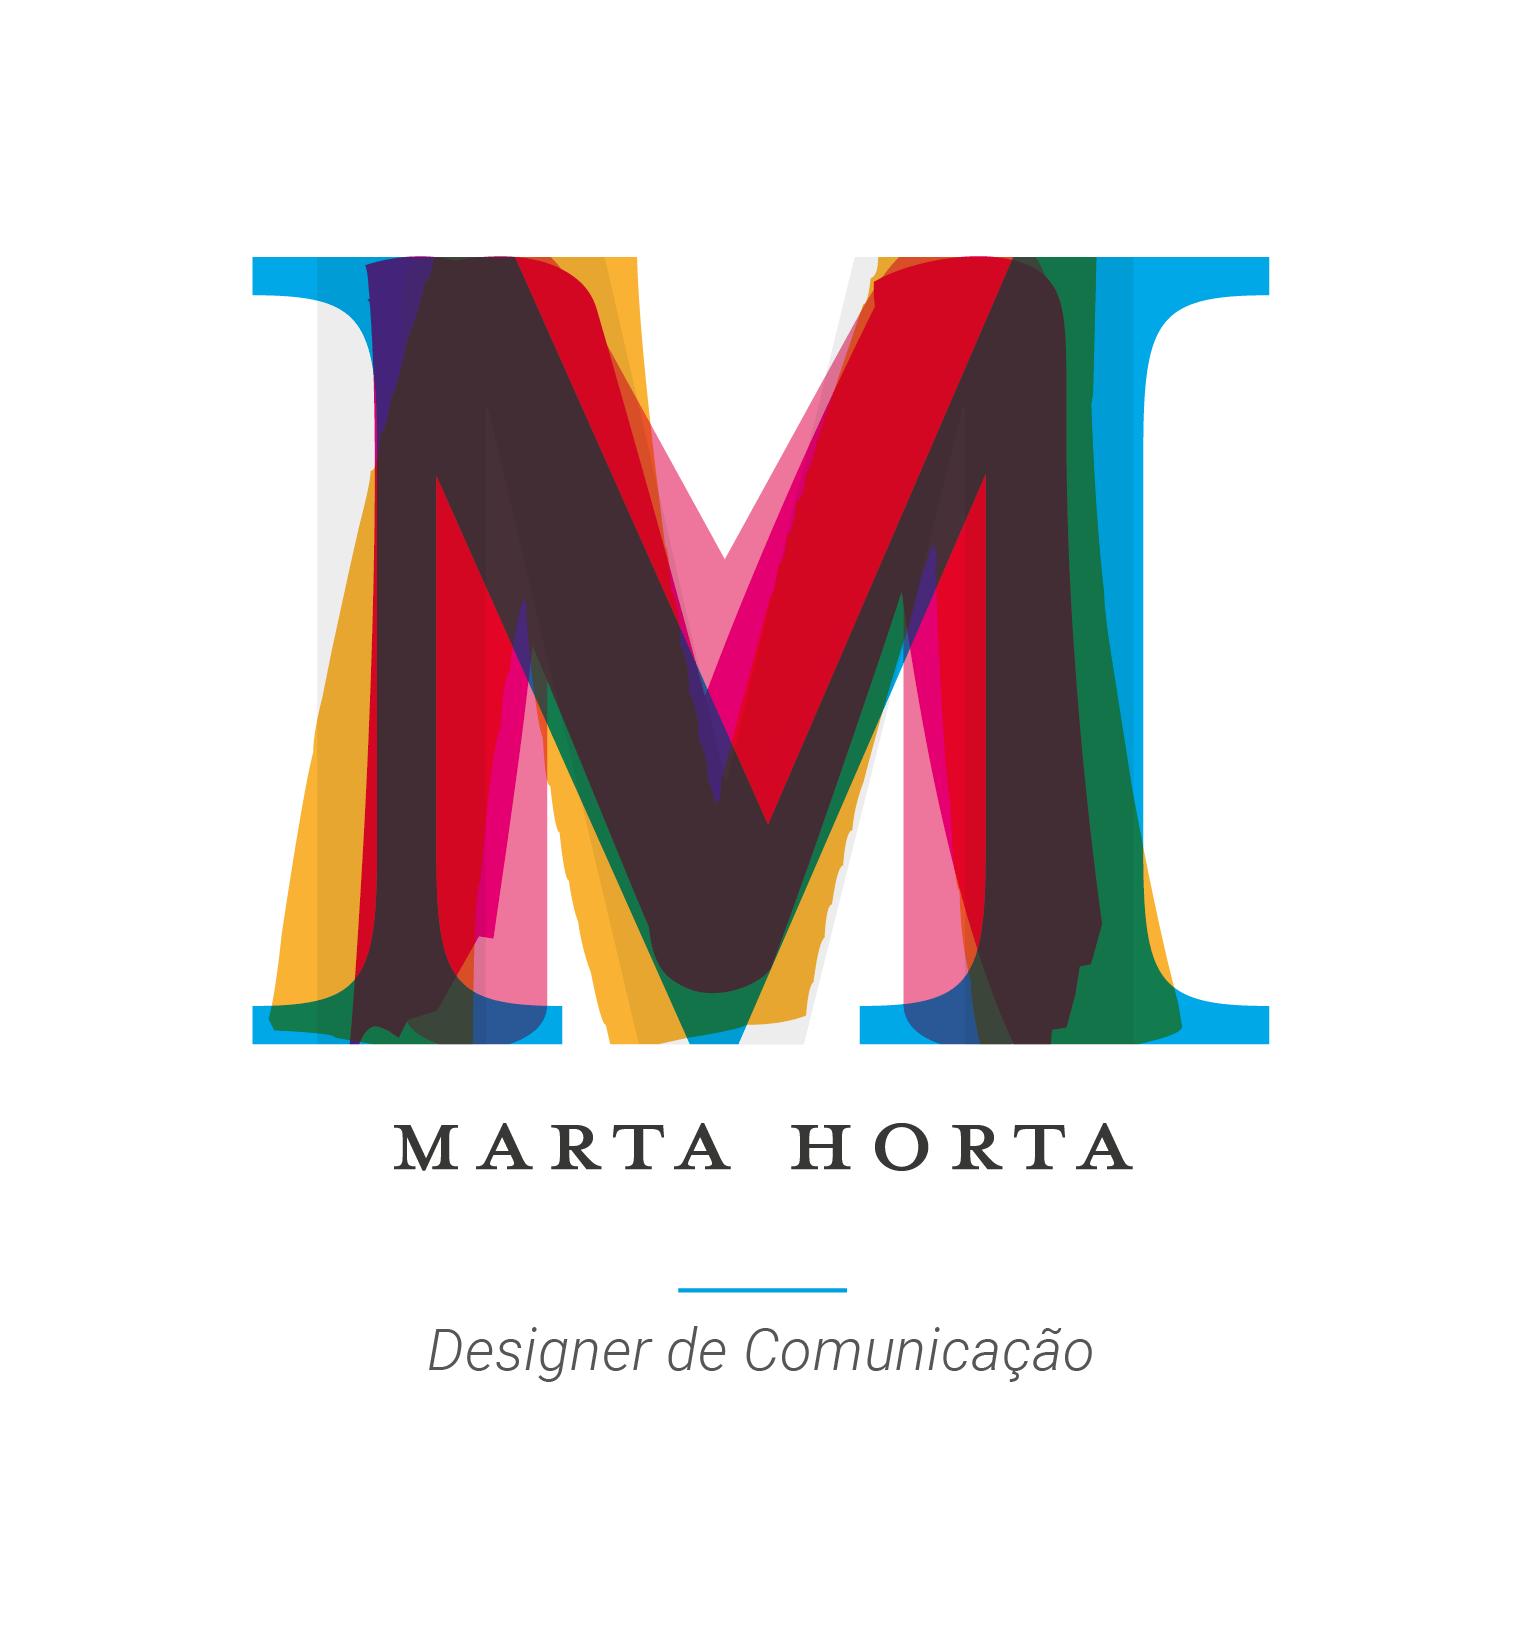 Marta Horta